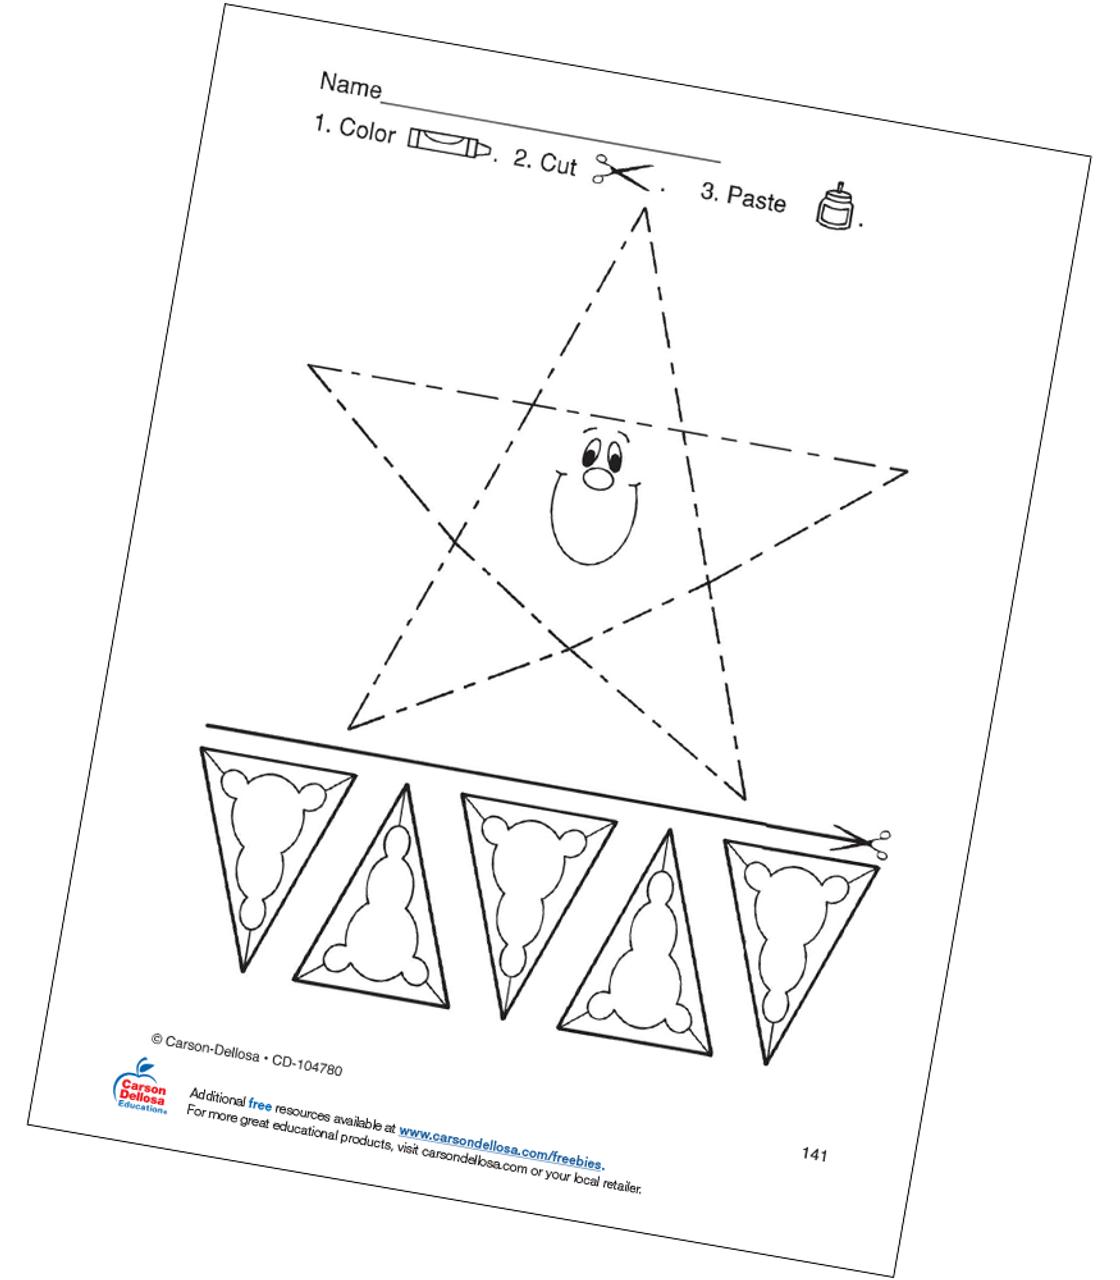 Star Color Cut And Paste Activity Grades Pk 1 Free Printable Carson Dellosa